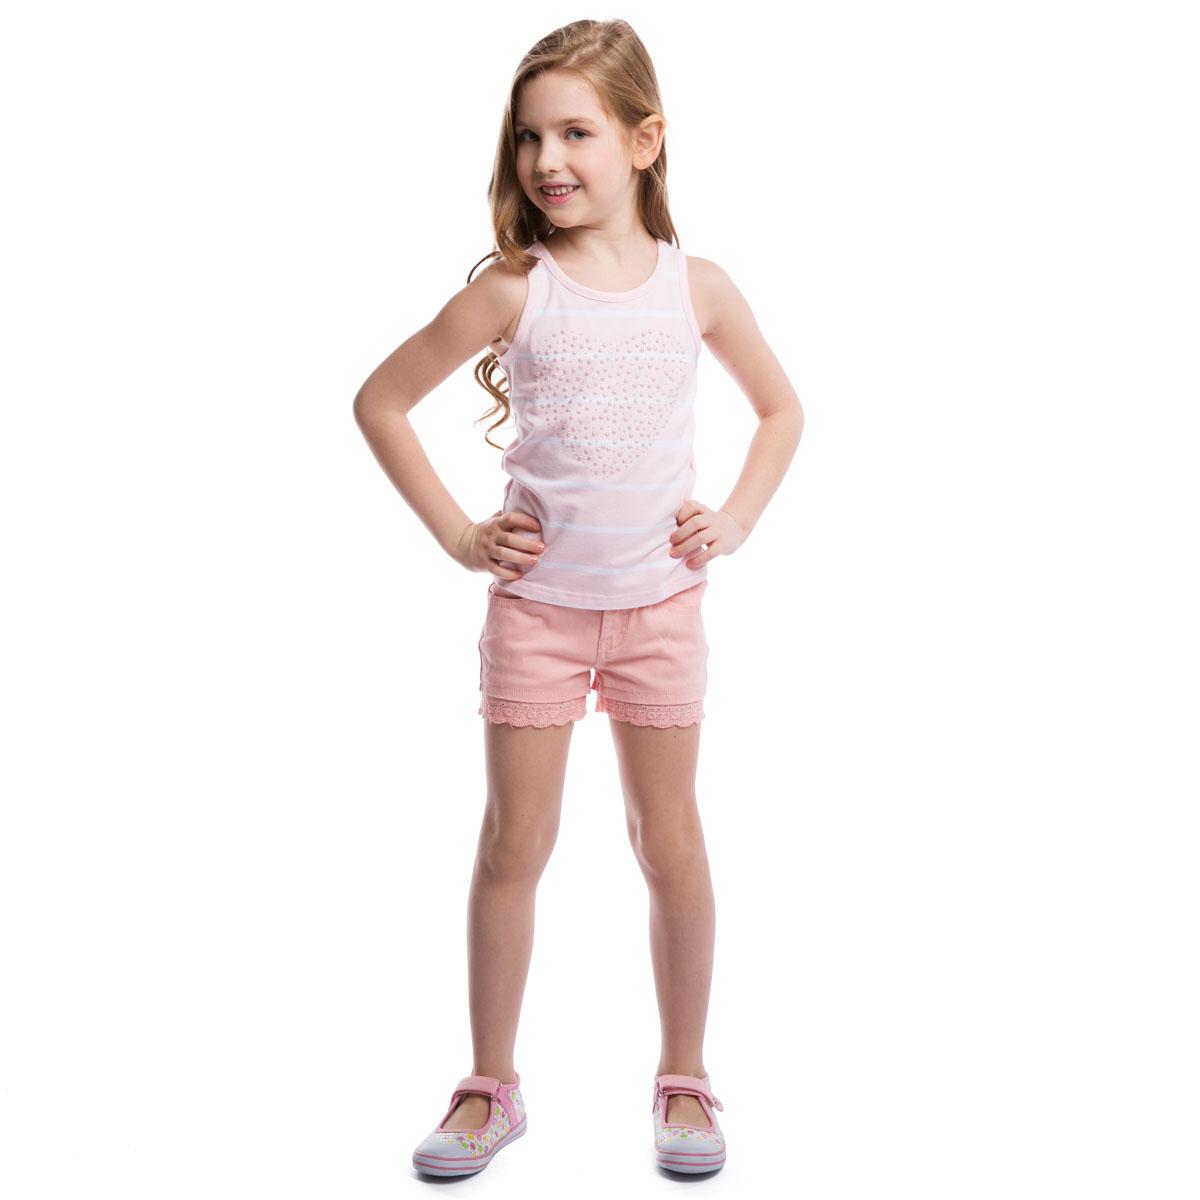 Майка262016Майка для девочки PlayToday идеально подойдет вашей маленькой принцессе. Изготовленная из эластичного хлопка, она мягкая и приятная на ощупь, не сковывает движения и позволяет коже дышать, обеспечивая комфорт. Майка с круглым вырезом горловины и широкими бретелями оформлена принтом в полоску. Спереди изделие декорировано сердечком из перламутровых бусин. Сзади майка украшена бантом. Дизайн и расцветка делают эту майку модным и стильным предметом детского гардероба. В ней маленькая модница будет чувствовать себя уютно, комфортно и всегда будет в центре внимания!